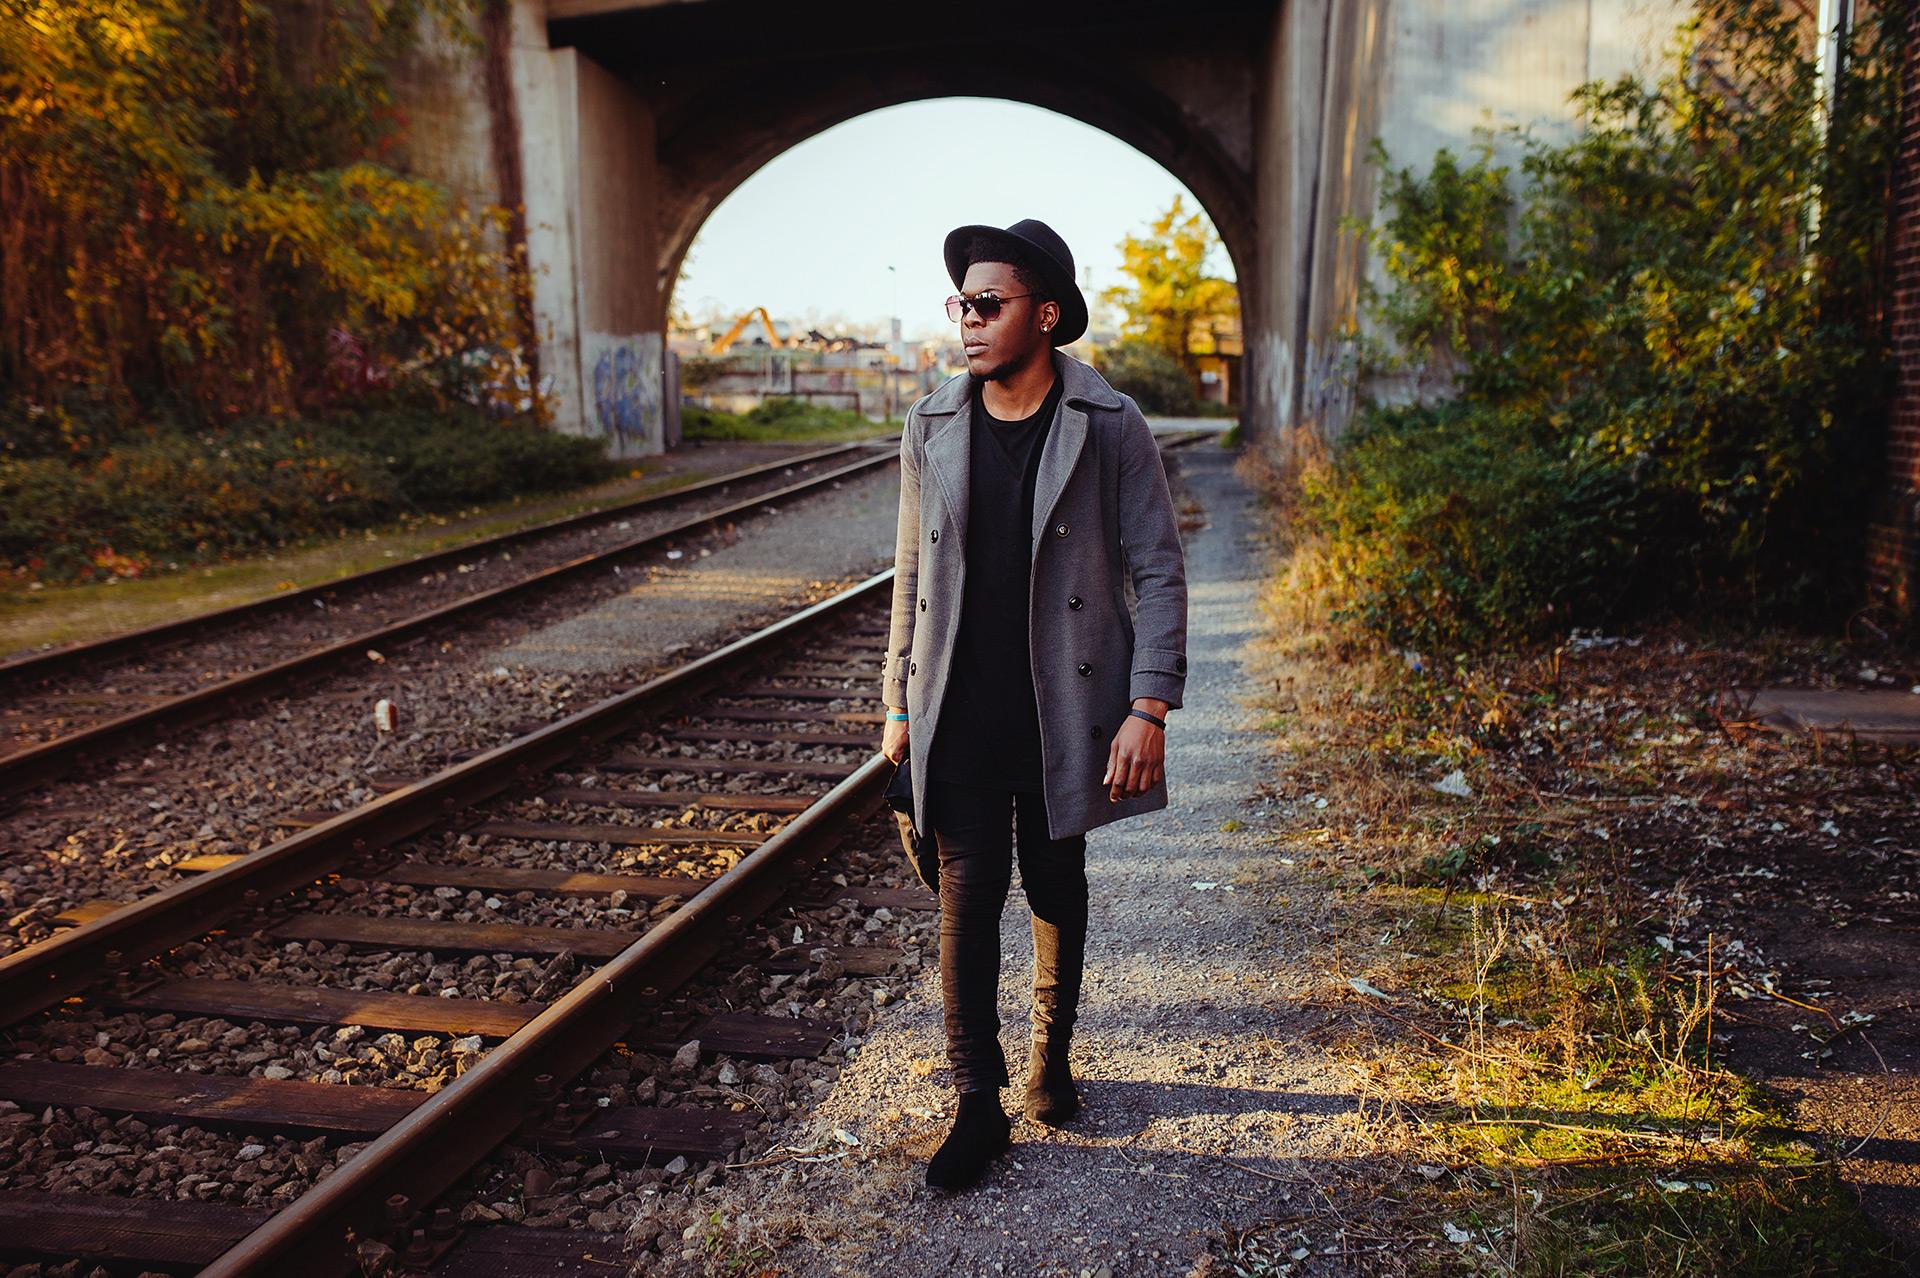 Billy im Walk mit grauen Mantel und Hut